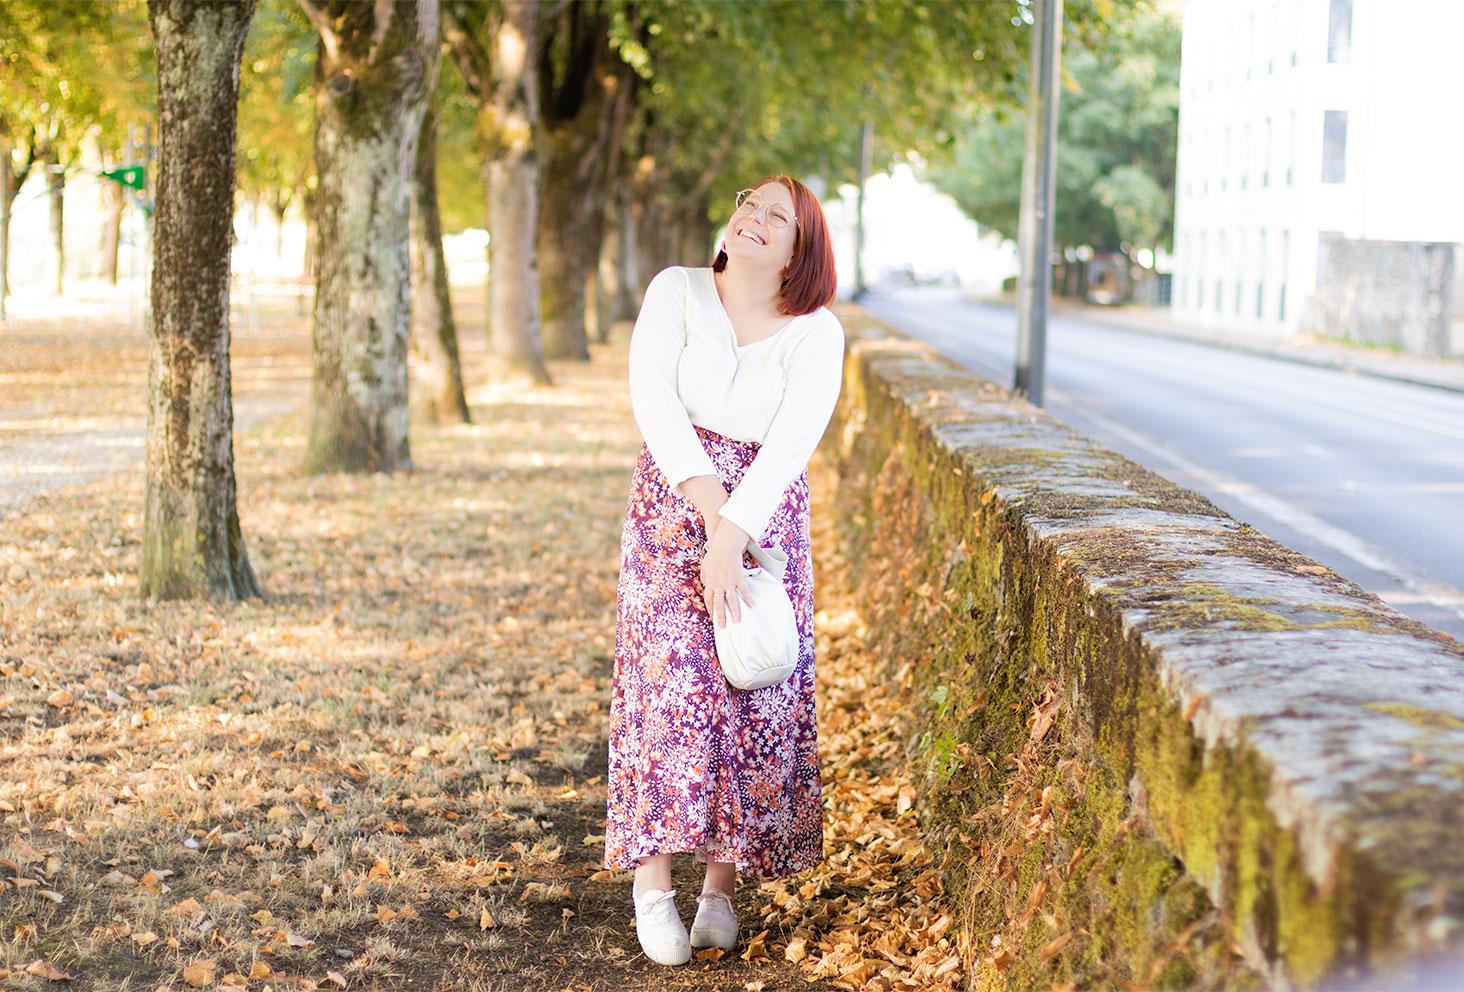 Dans un décor d'automne, en jupe longue rose à fleurs et pull blanc, avec le sourire